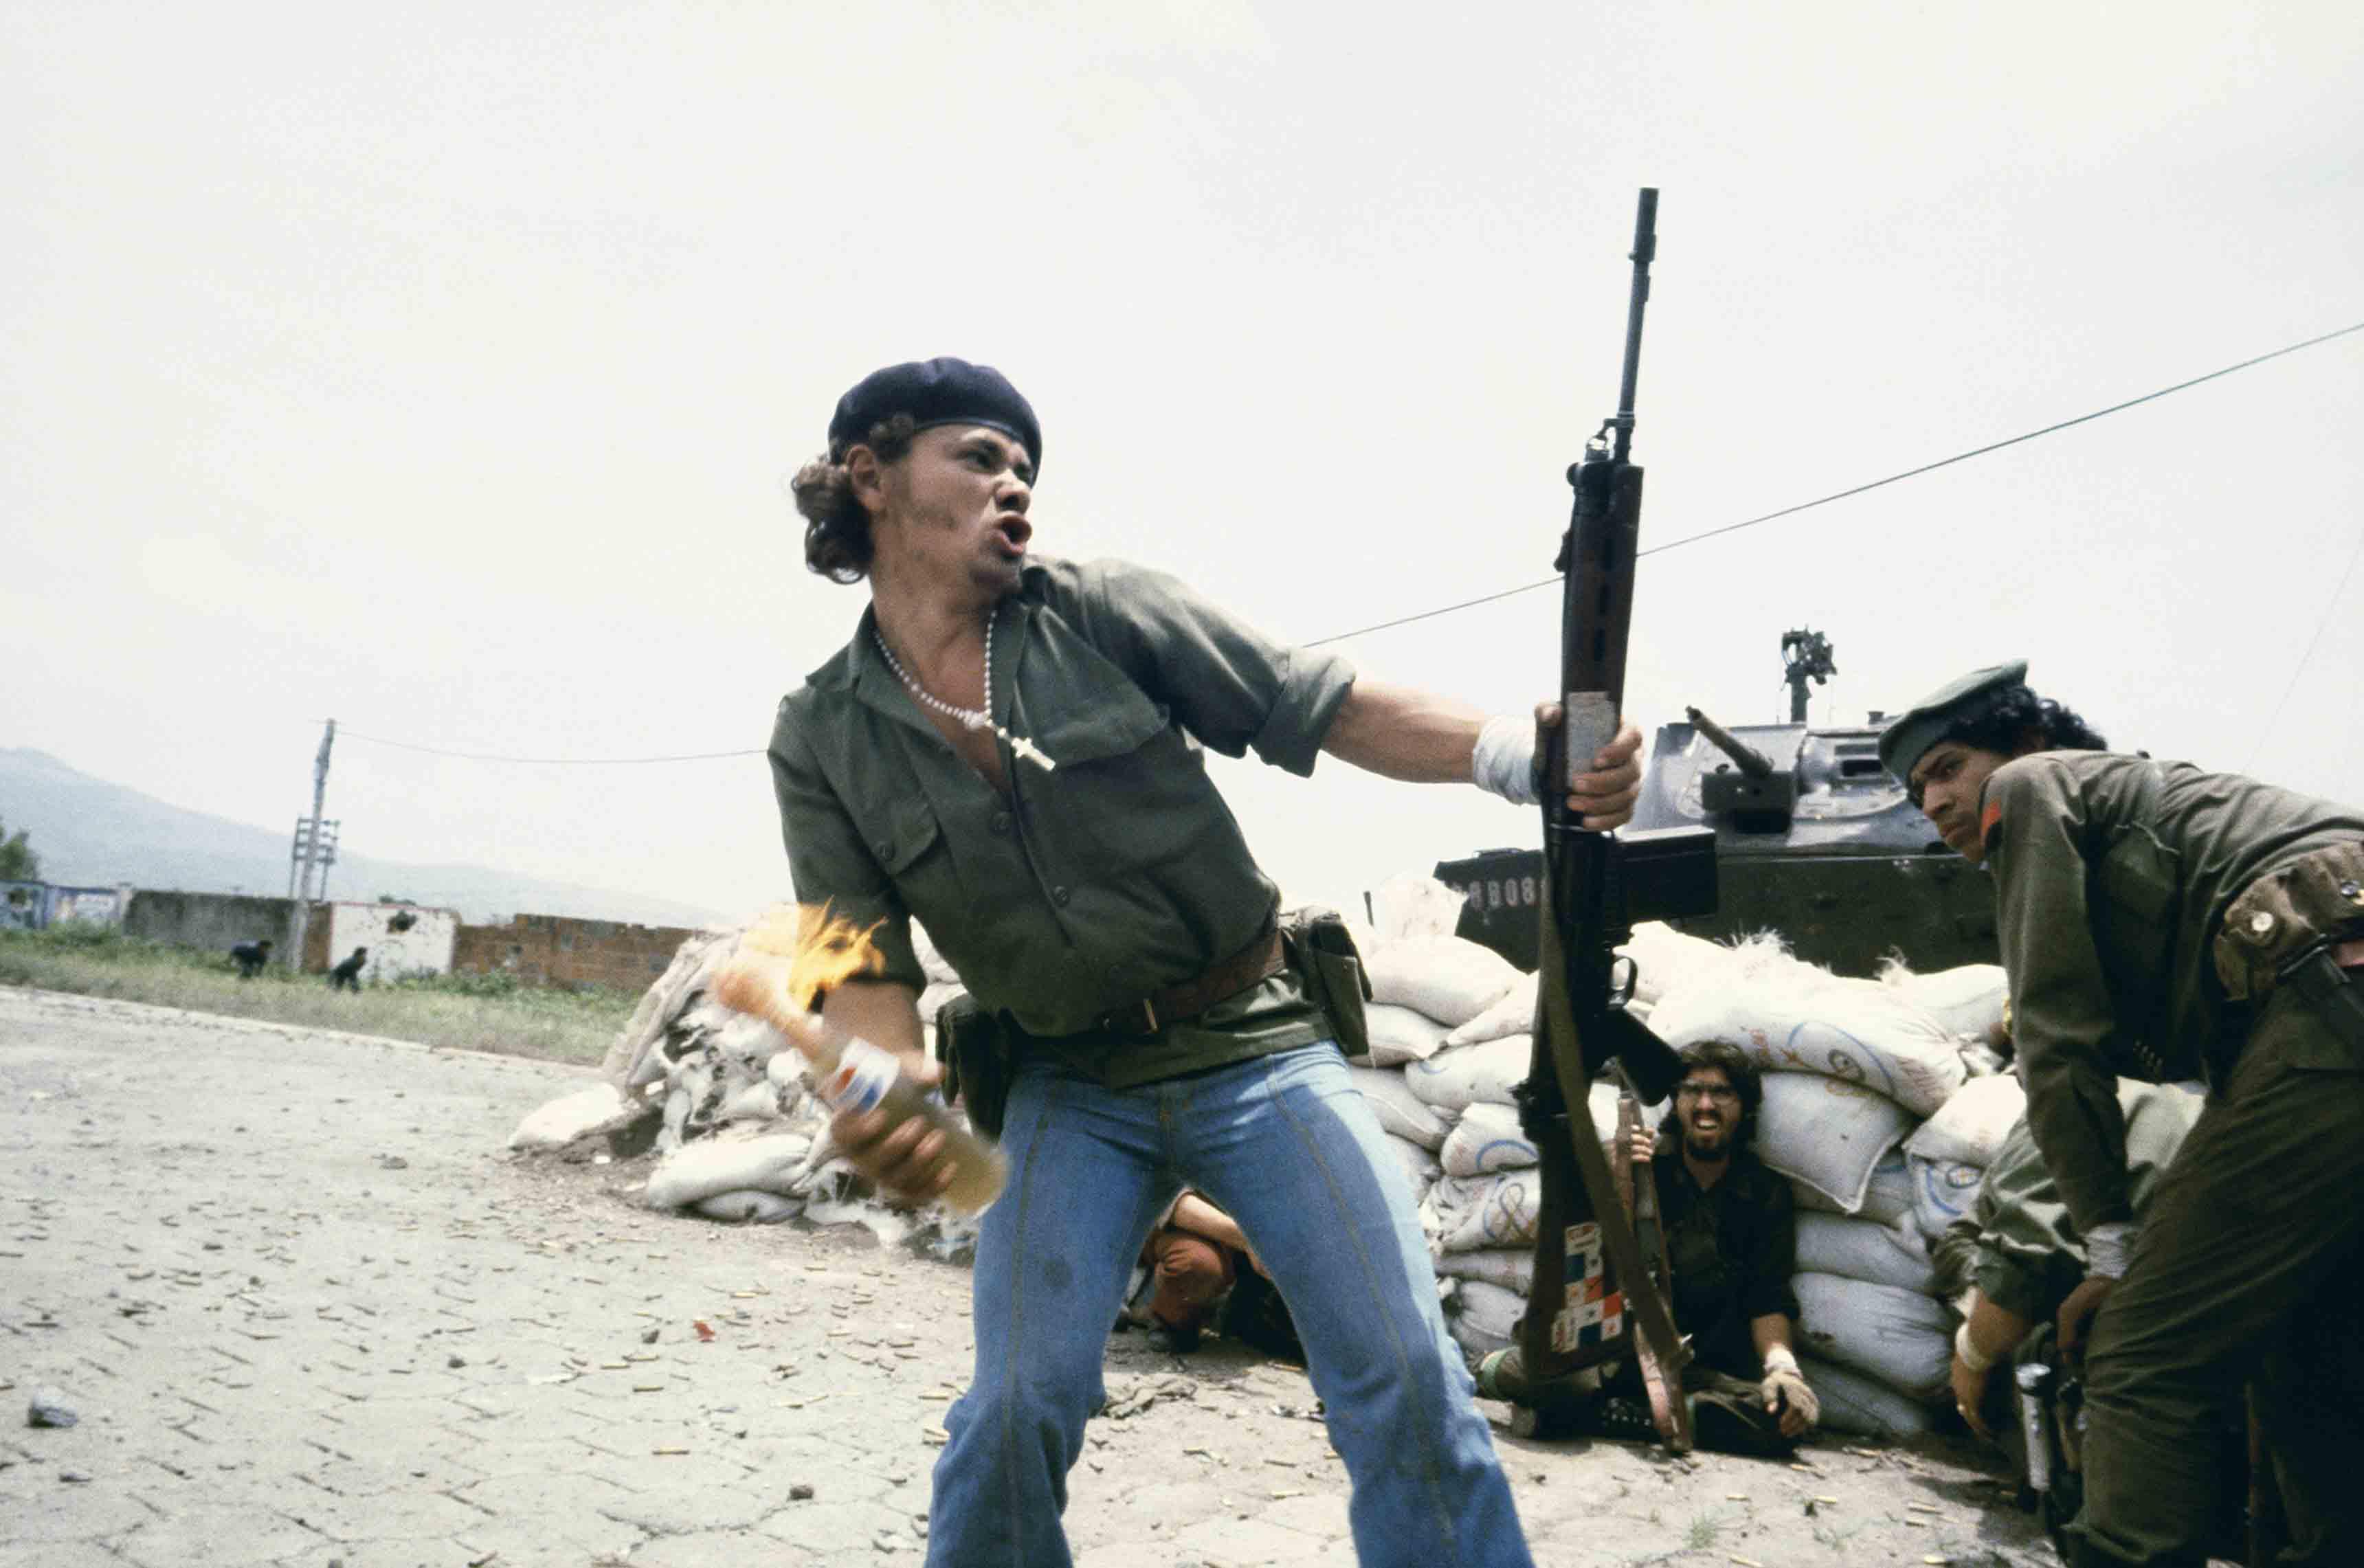 """Susan Meiselas, Sandinistes aux portes du quartier général de la Garde nationale à Esteli : """"L'homme au cocktail Molotov"""", Nicaragua, 16 juillet 1979 © Susan Meiselas/Magnum Photos"""